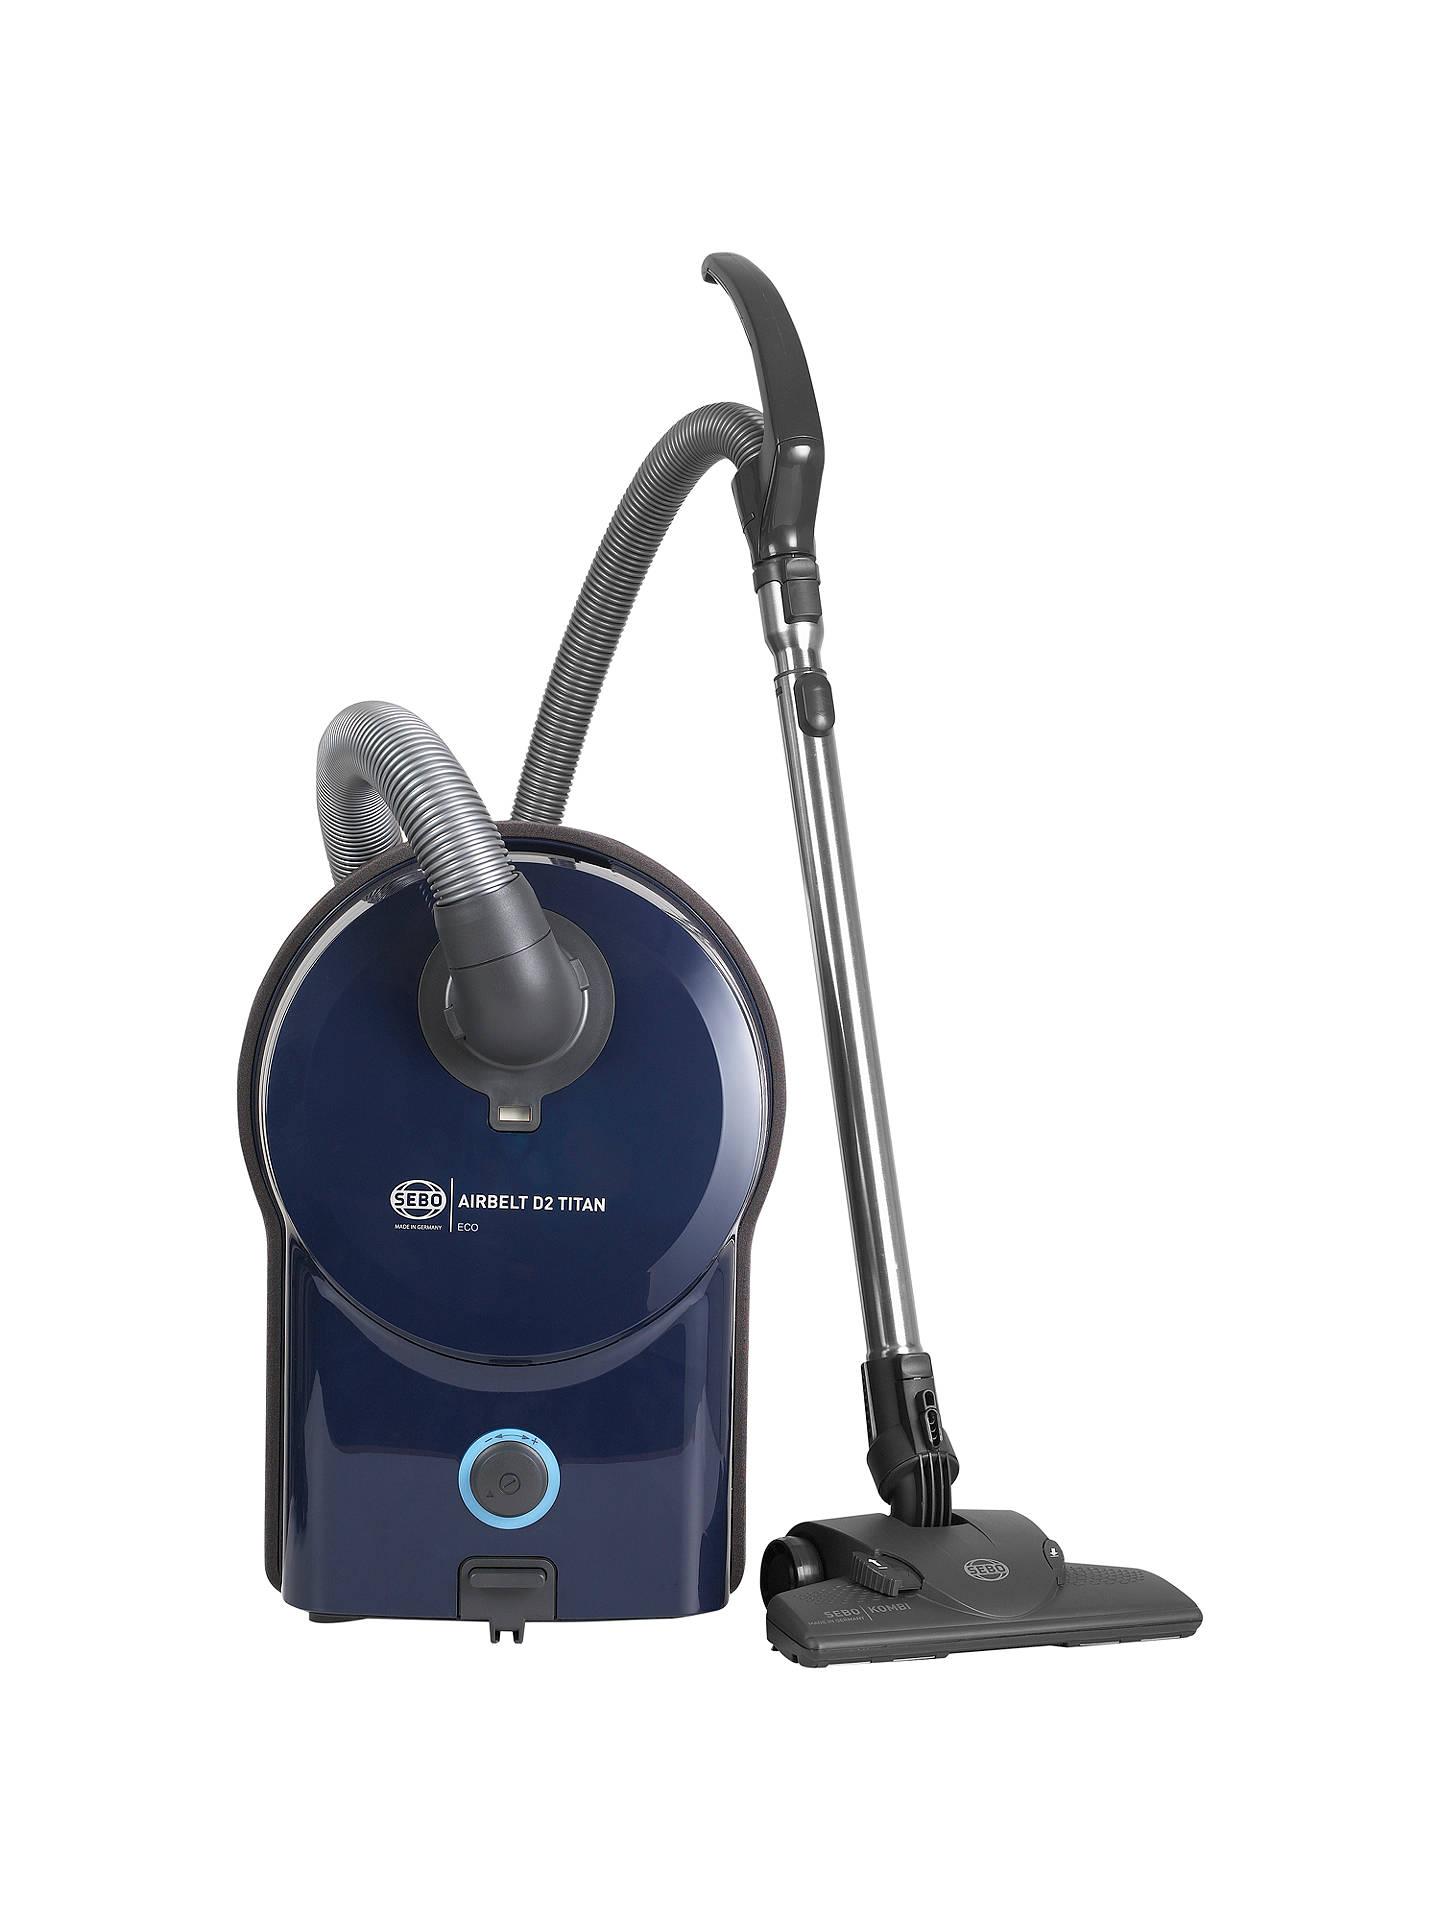 sebo d2 titan eco cylinder vacuum cleaner at john lewis. Black Bedroom Furniture Sets. Home Design Ideas